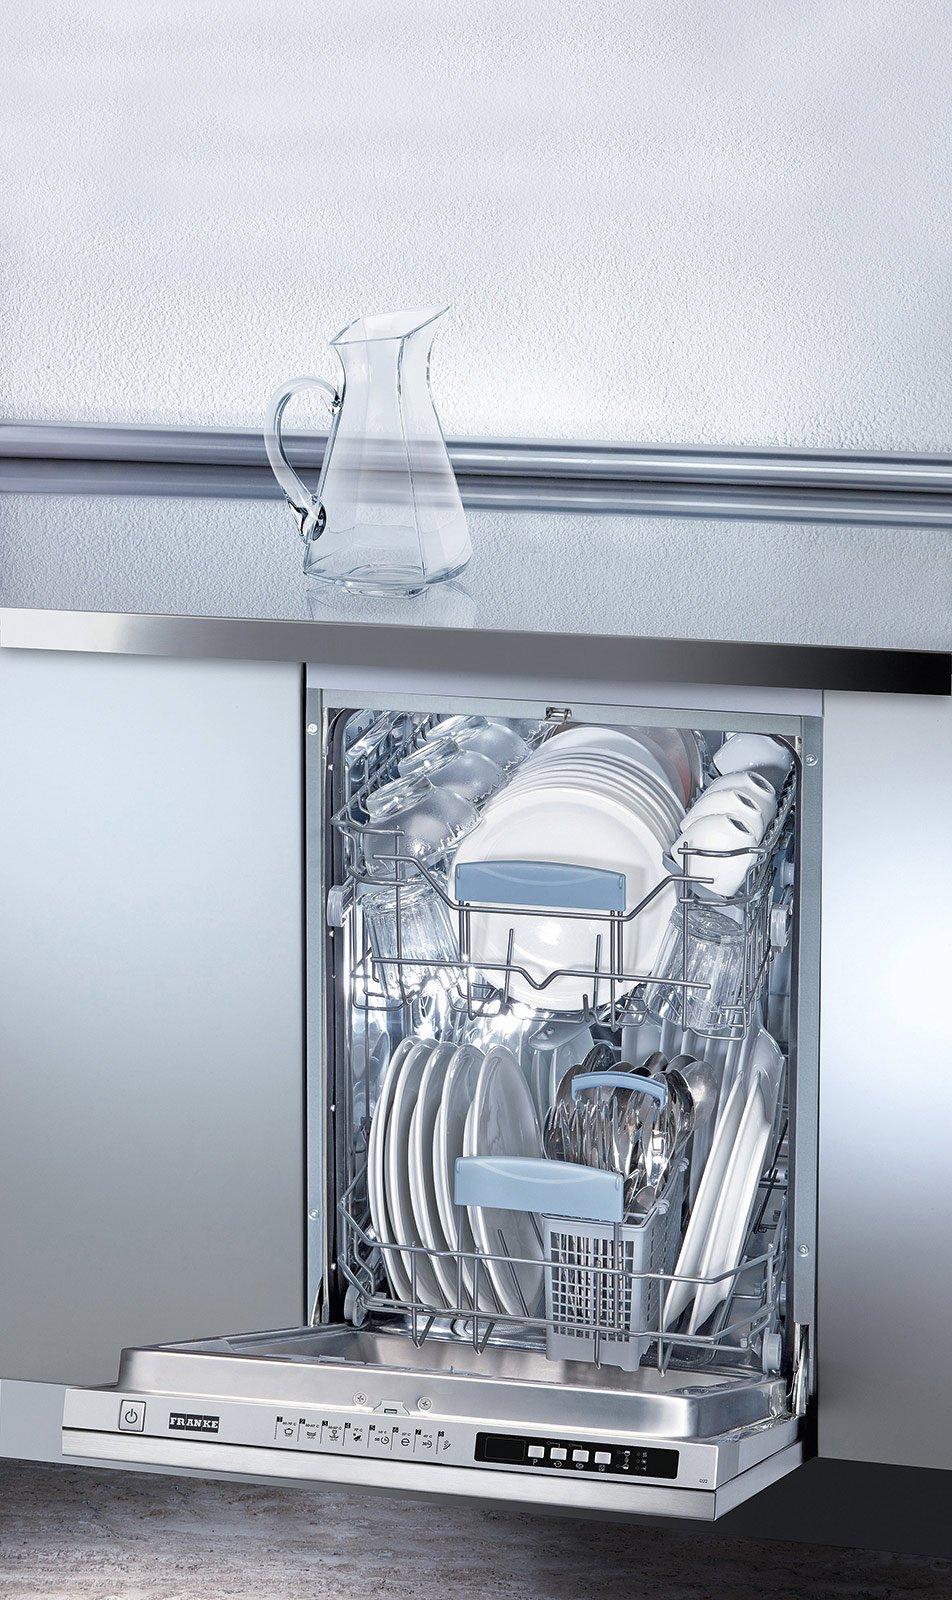 Lavastoviglie piccole per risparmiare spazio e consumi for Lavastoviglie da incasso 45 cm